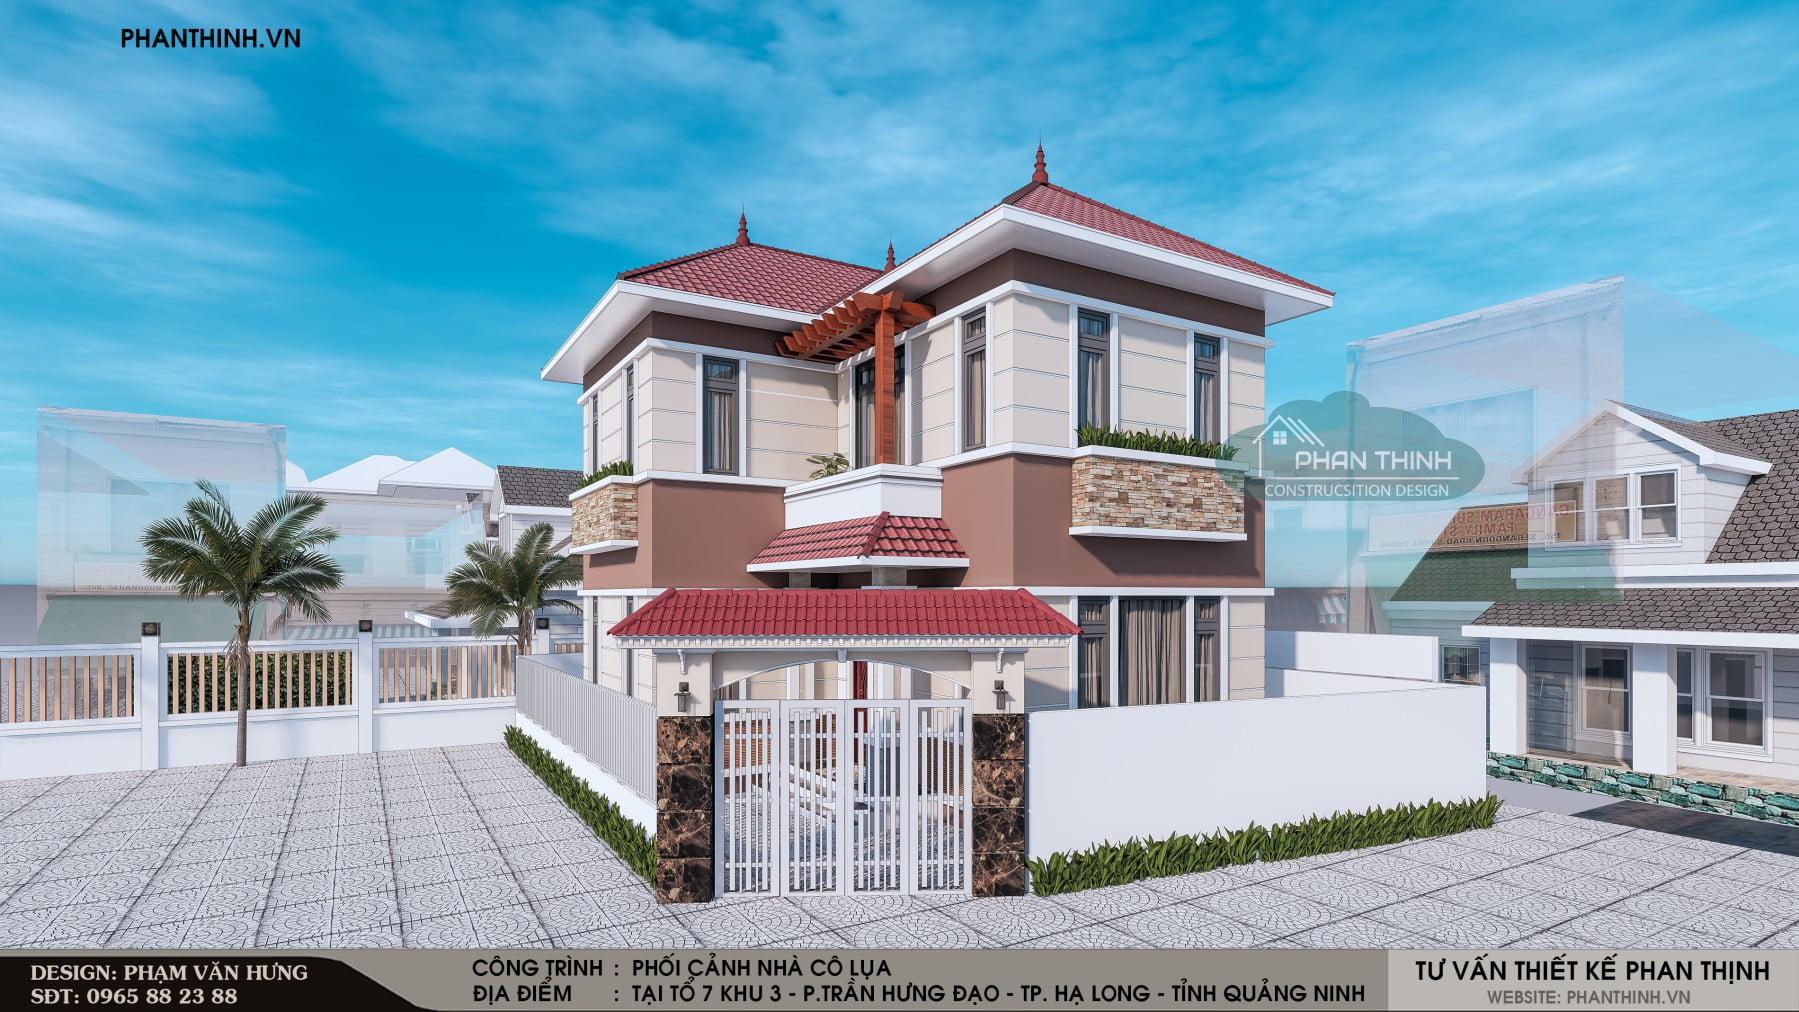 Phương án phối cảnh số 02: Mẫu nhà biệt thự 2 tầng đẹp tại Quảng Ninh